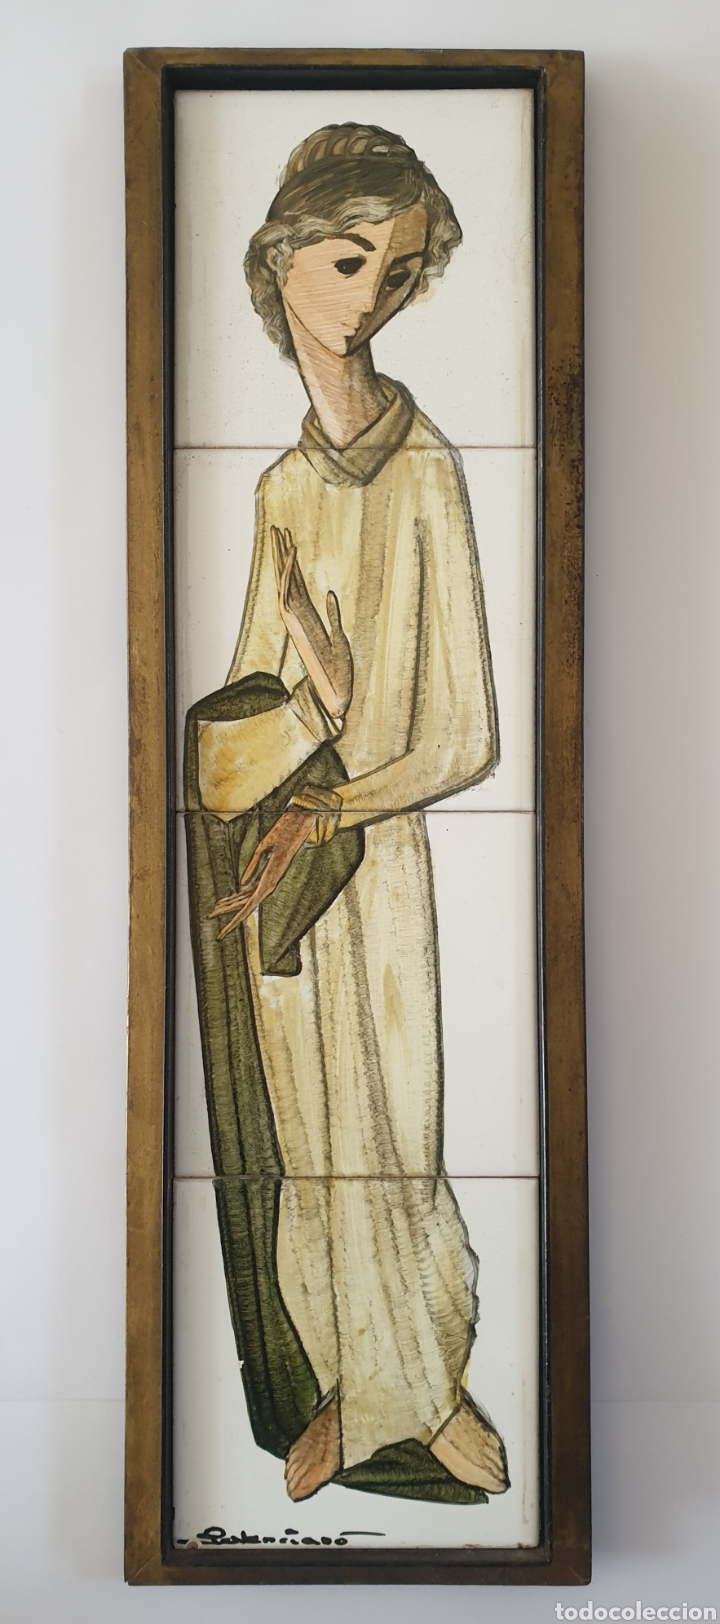 PEDRO PALENCIANO RUIZ - JESÚS ADOLESCENTE/SAN JUAN?.RETABLO CERÁMICO.FIRMADO. (Antigüedades - Porcelanas y Cerámicas - Triana)